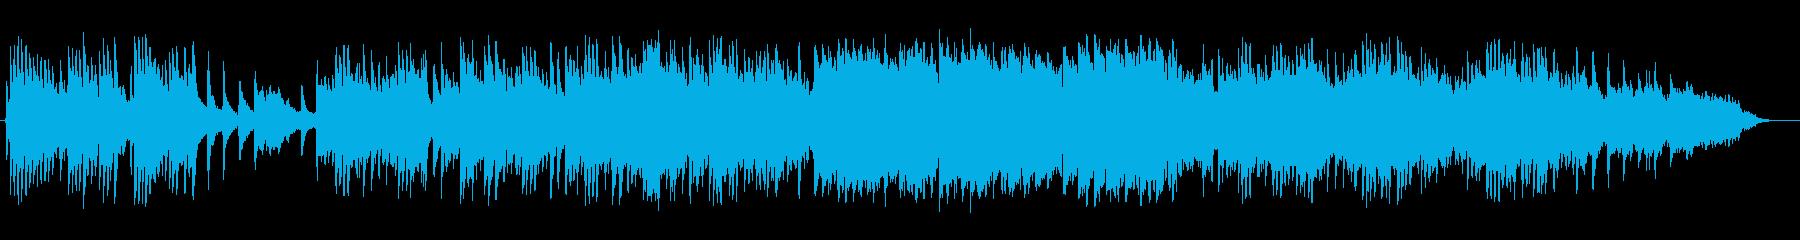 甘く切ないピアノバラードの再生済みの波形